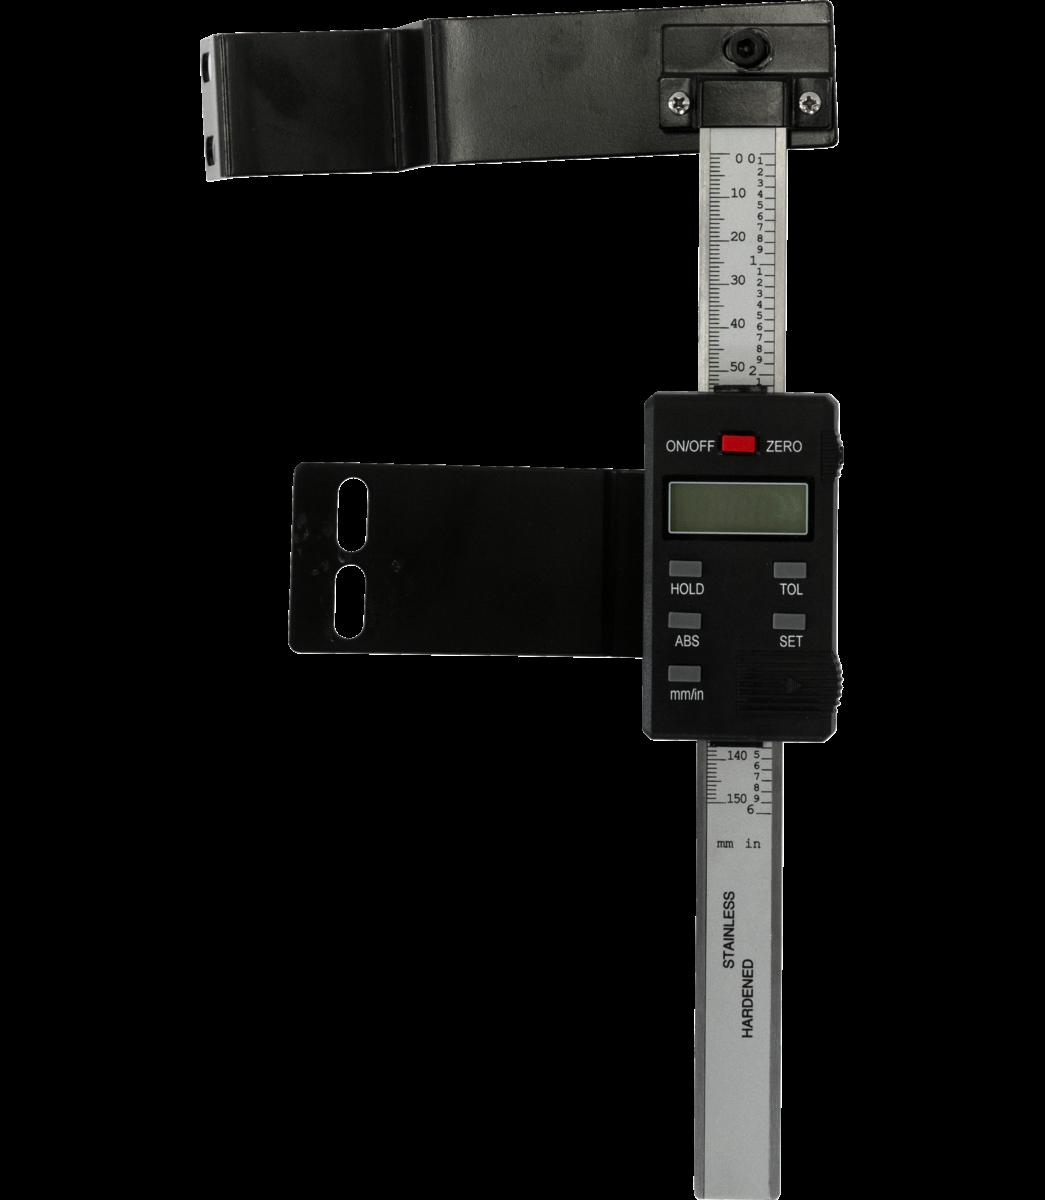 DRO, Digital Readout for JWDS-2244 & JWDS-2550